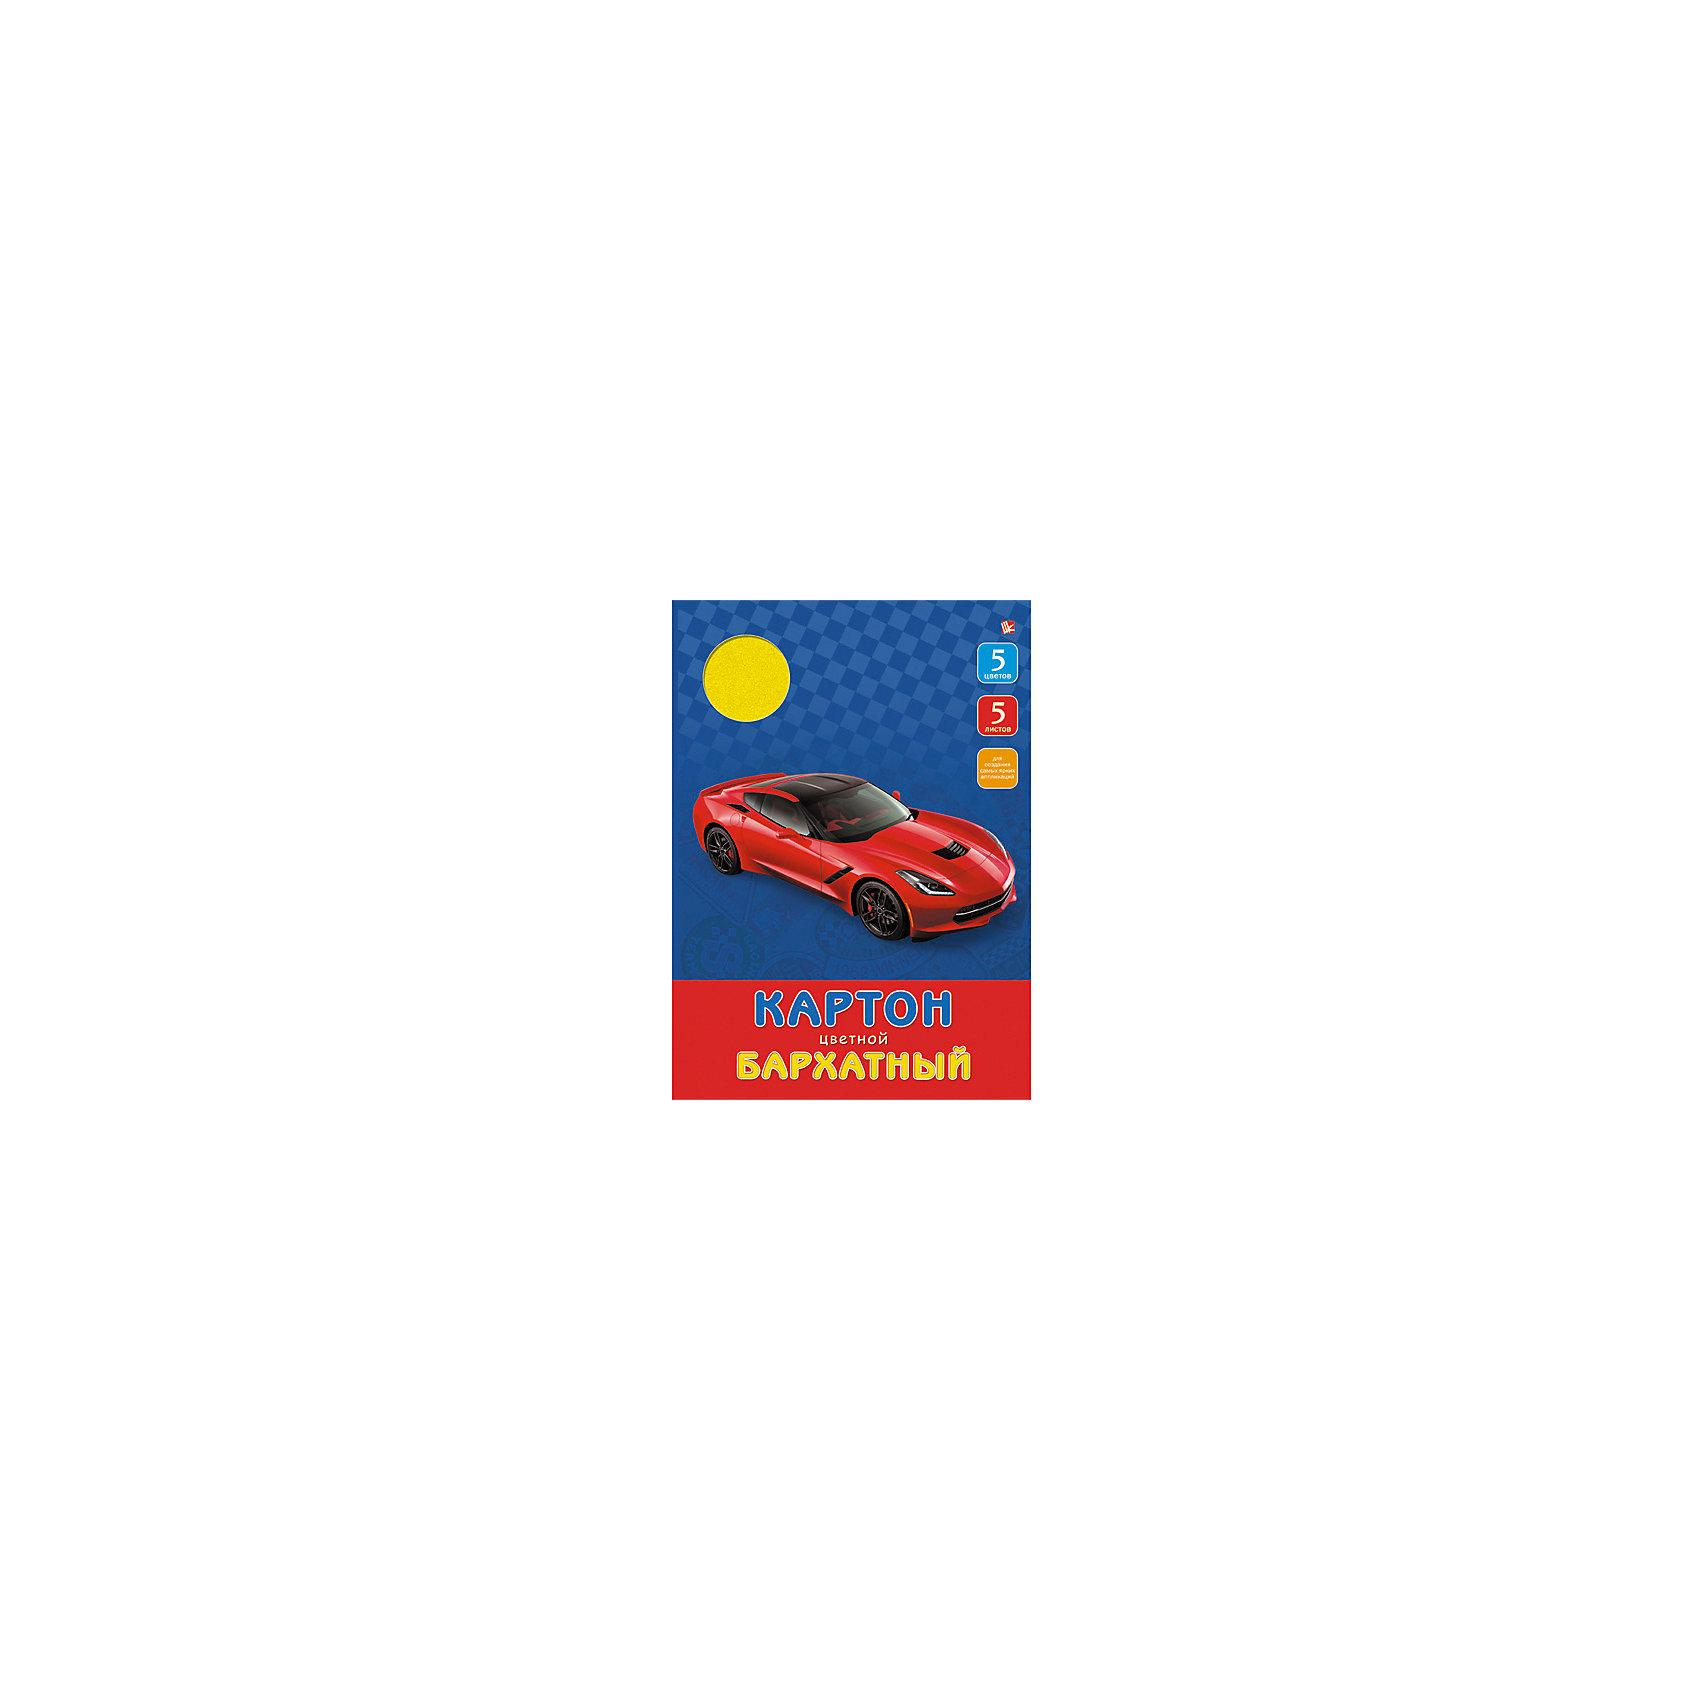 Эксмо Бархатный цветной картон Красный автомобиль,  5л. 5цв. купить автомобиль в москве с расходом топлива до 5л 100км